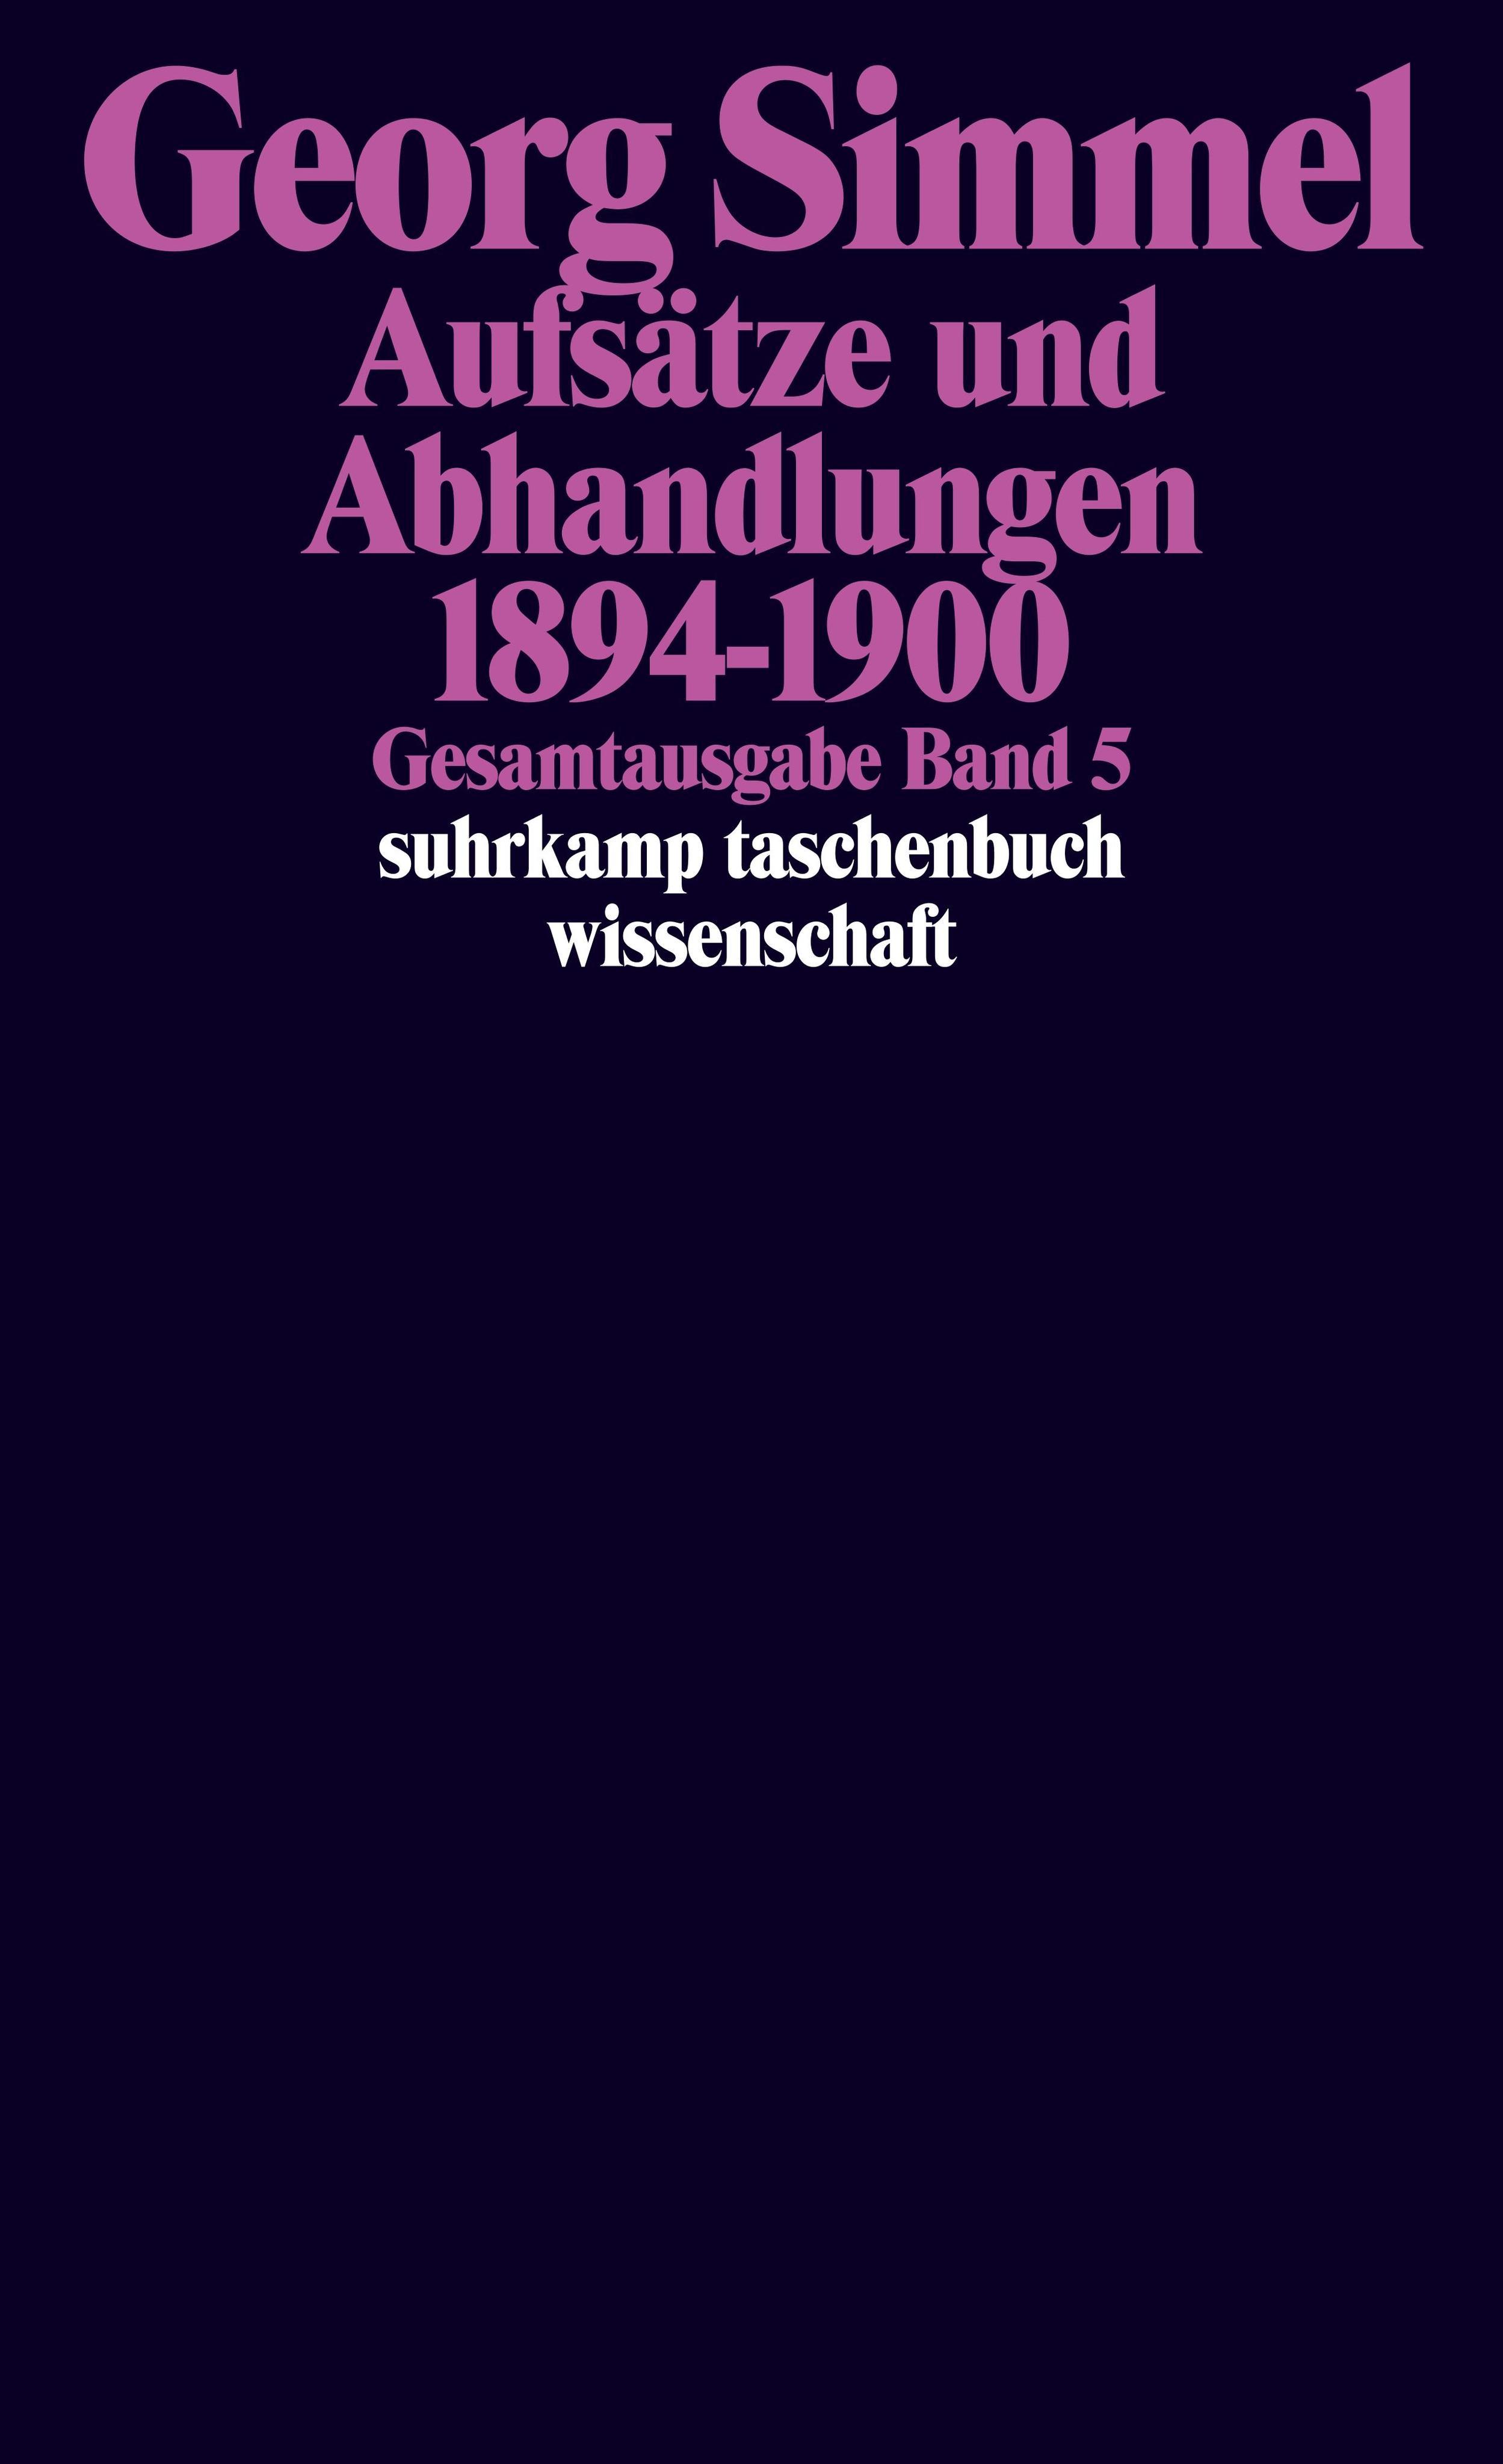 Georg-Simmel-Gesamtausgabe-05-Aufsaetze-und-Abhandlungen-1-9783518284056